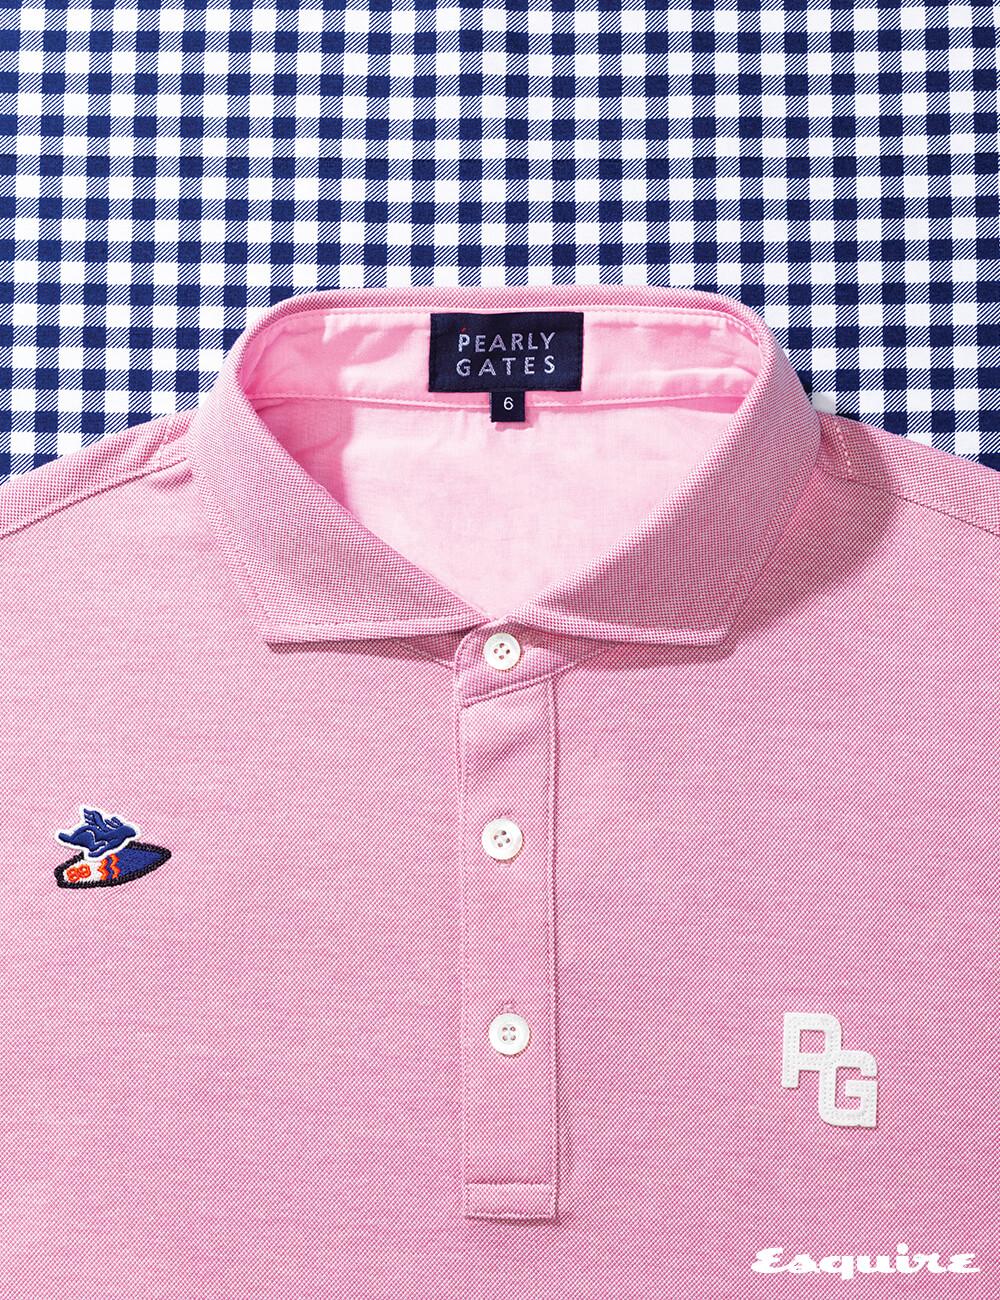 패치 장식 폴로셔츠 23만8000원, 네이비 깅엄체크 폴로셔츠 23만8000원 모두 파리게이츠.